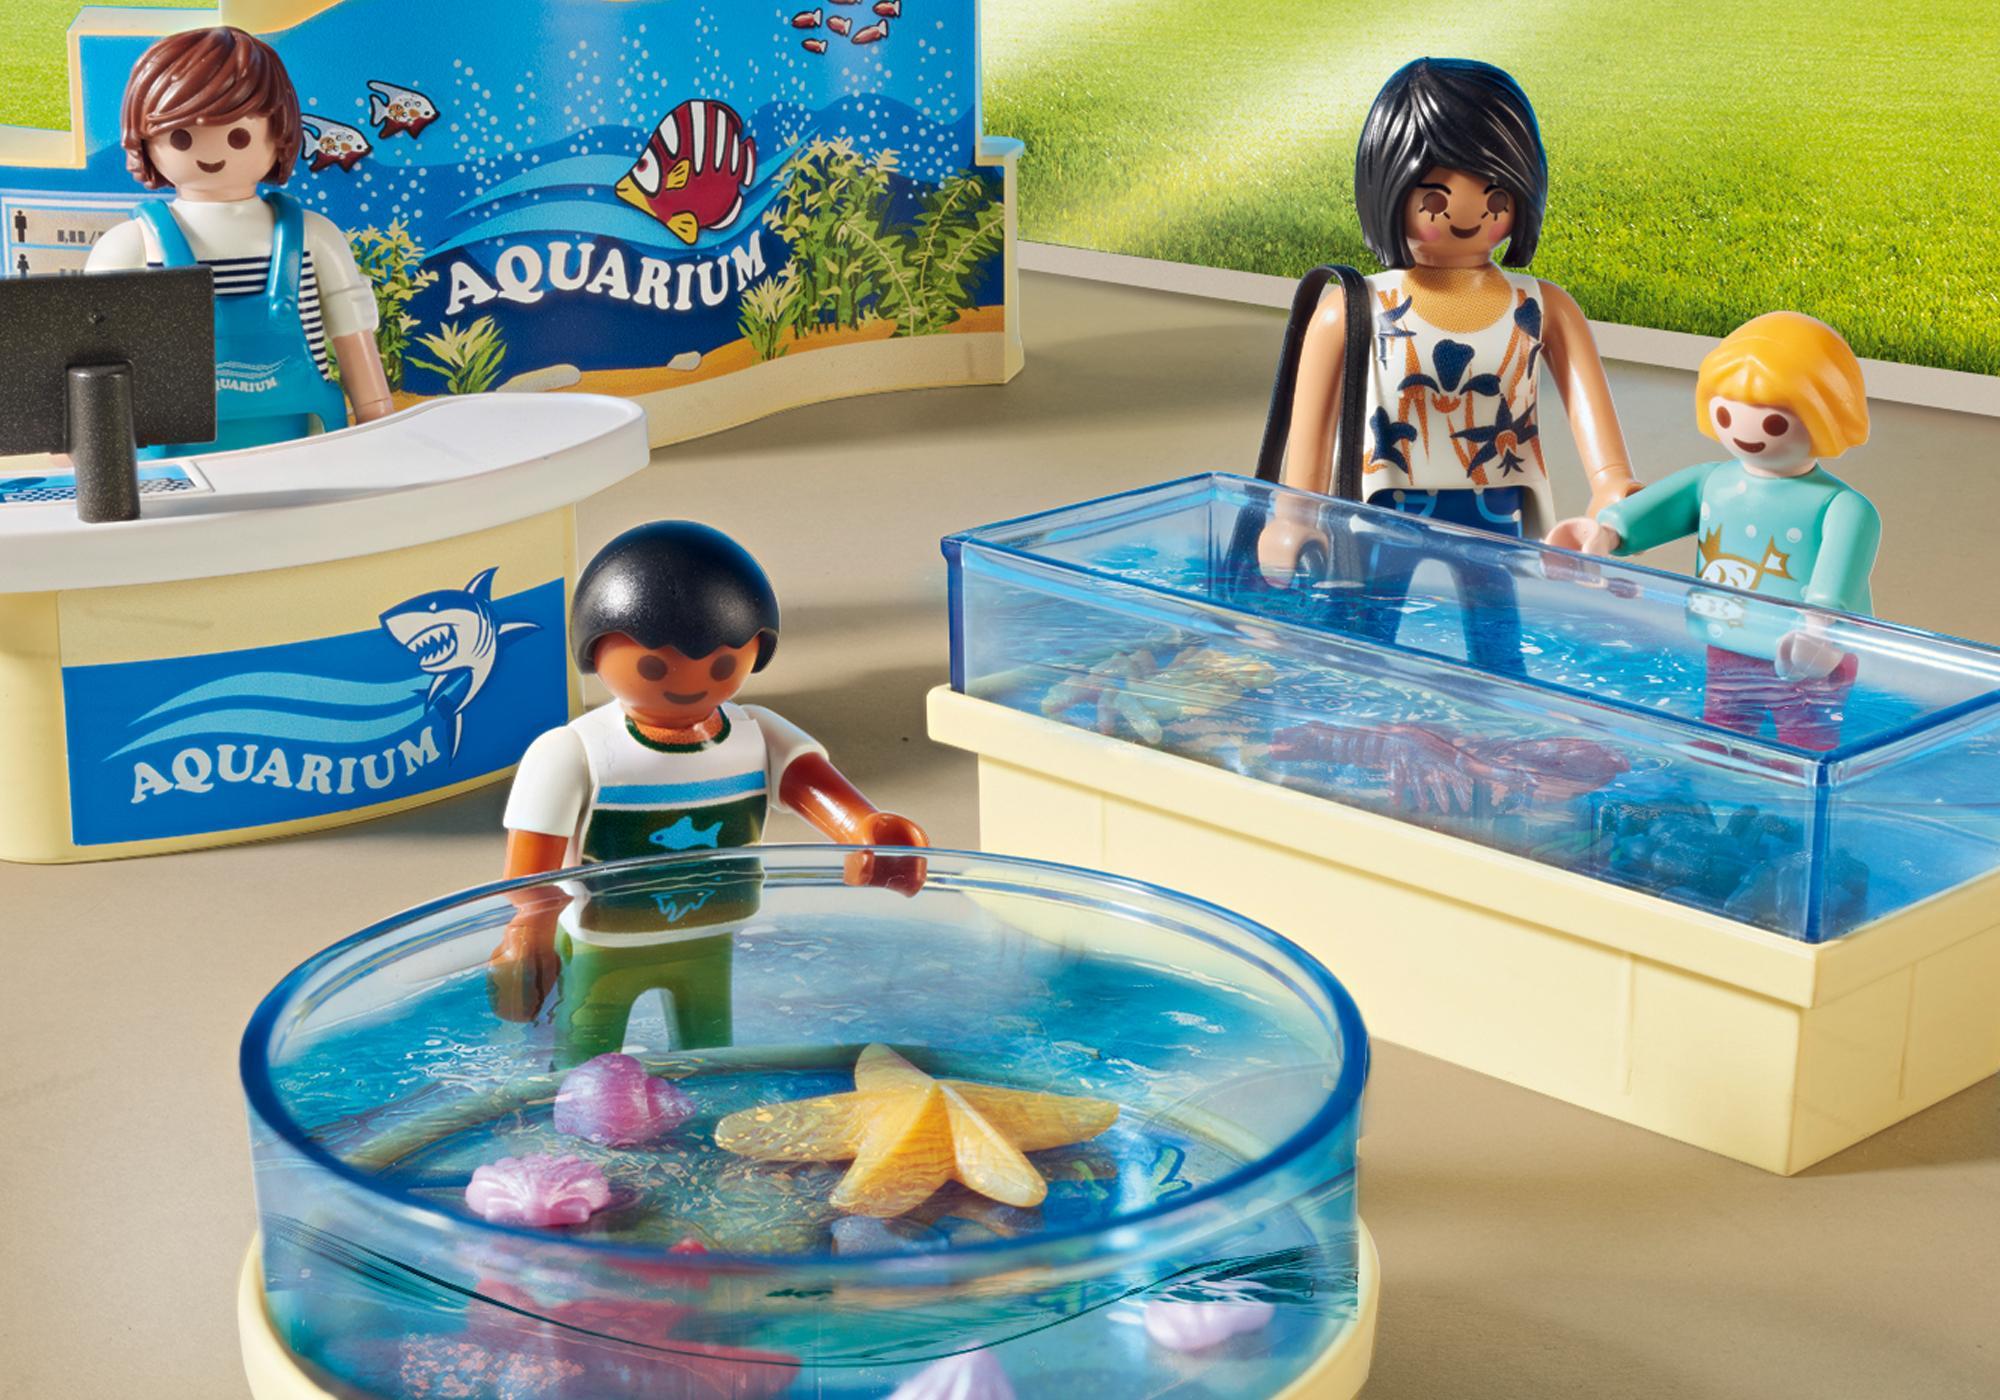 http://media.playmobil.com/i/playmobil/9061_product_extra2/Akvariebutik